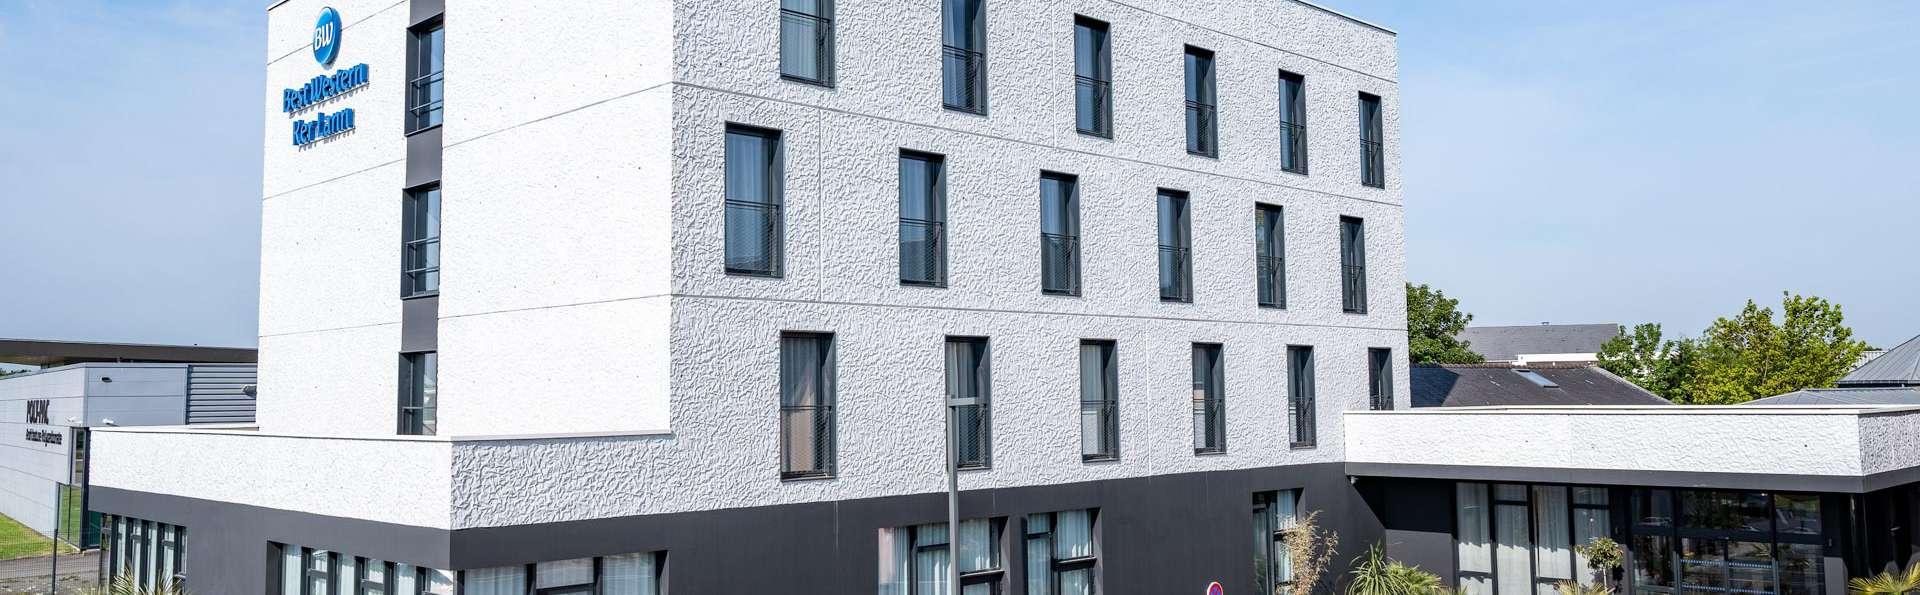 Best Western Hôtel Ker Lann - EDIT_FRONT_01.jpg